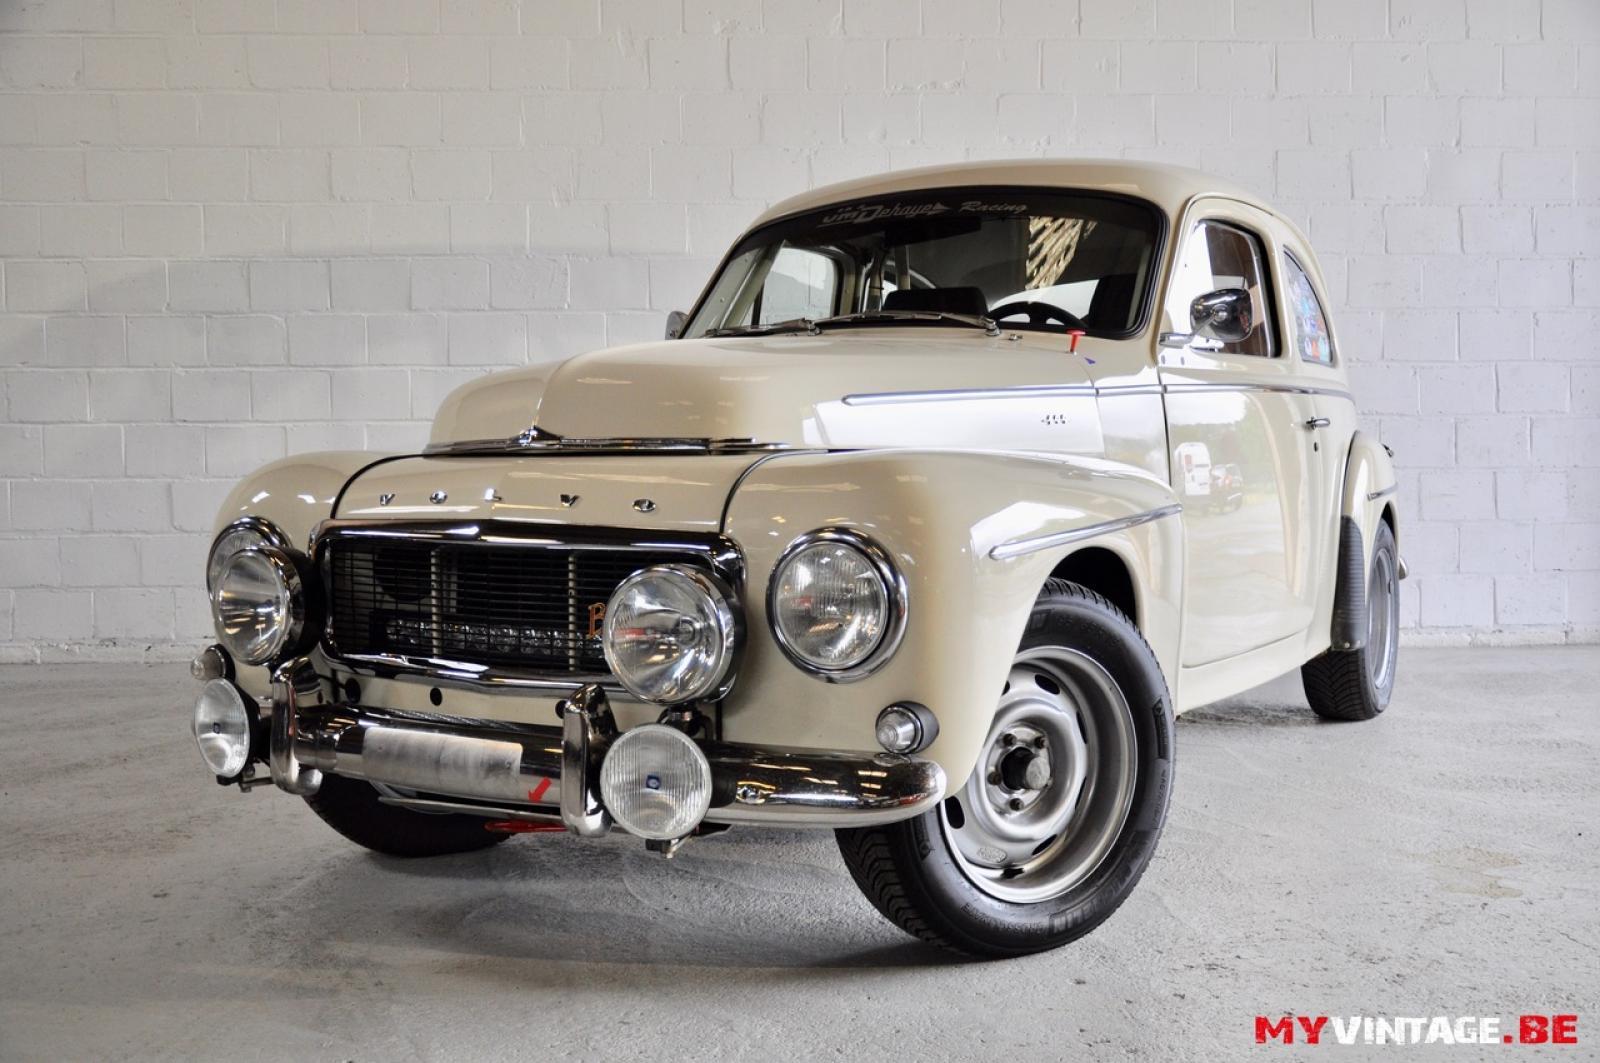 Volvo PV544 2100cc 145bhp - 1